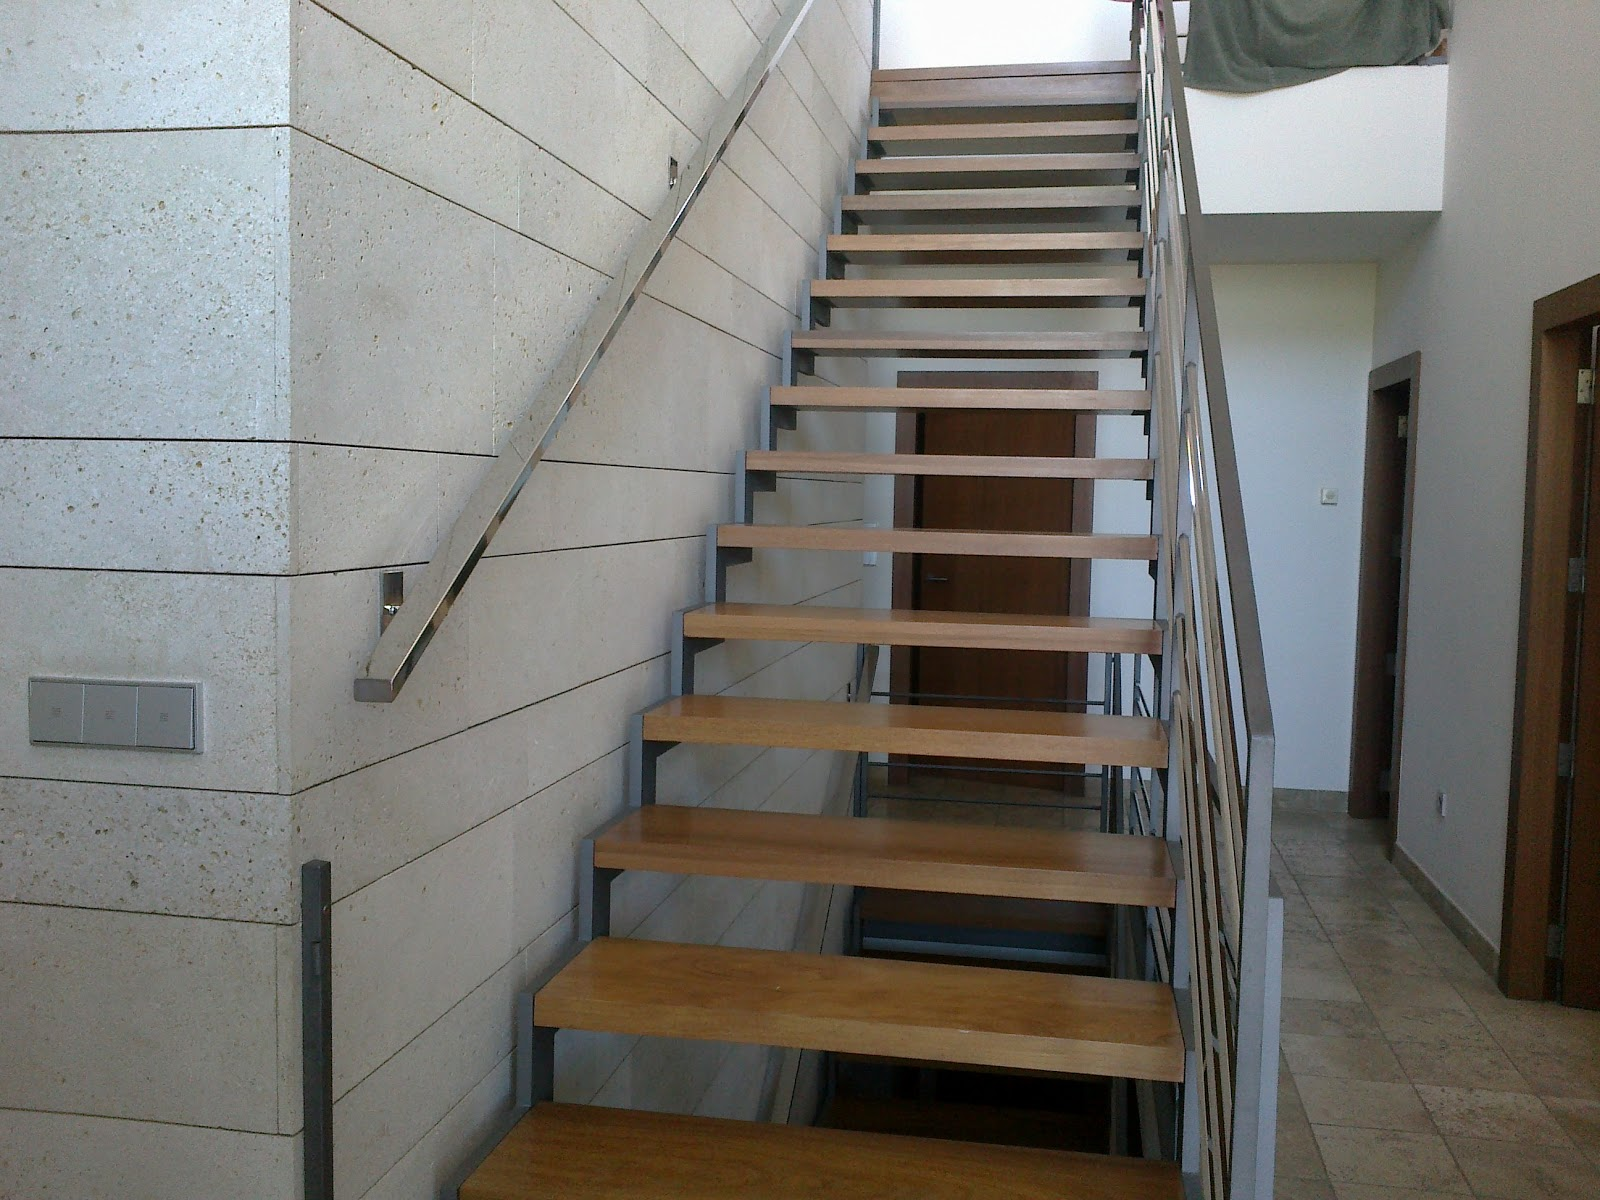 habitania construcciones y reformas escaleras